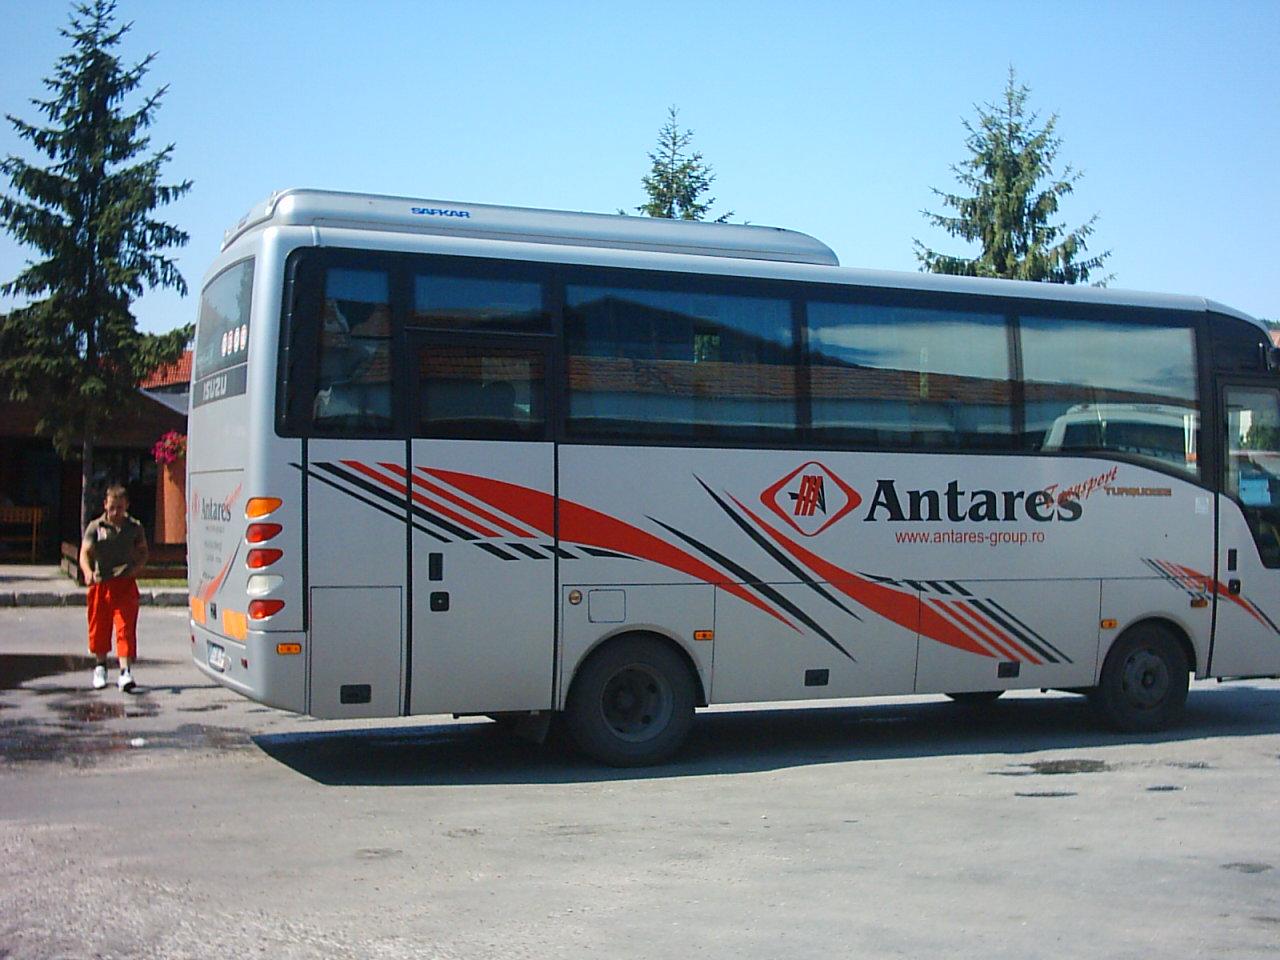 ANTARESTRANSPORT1